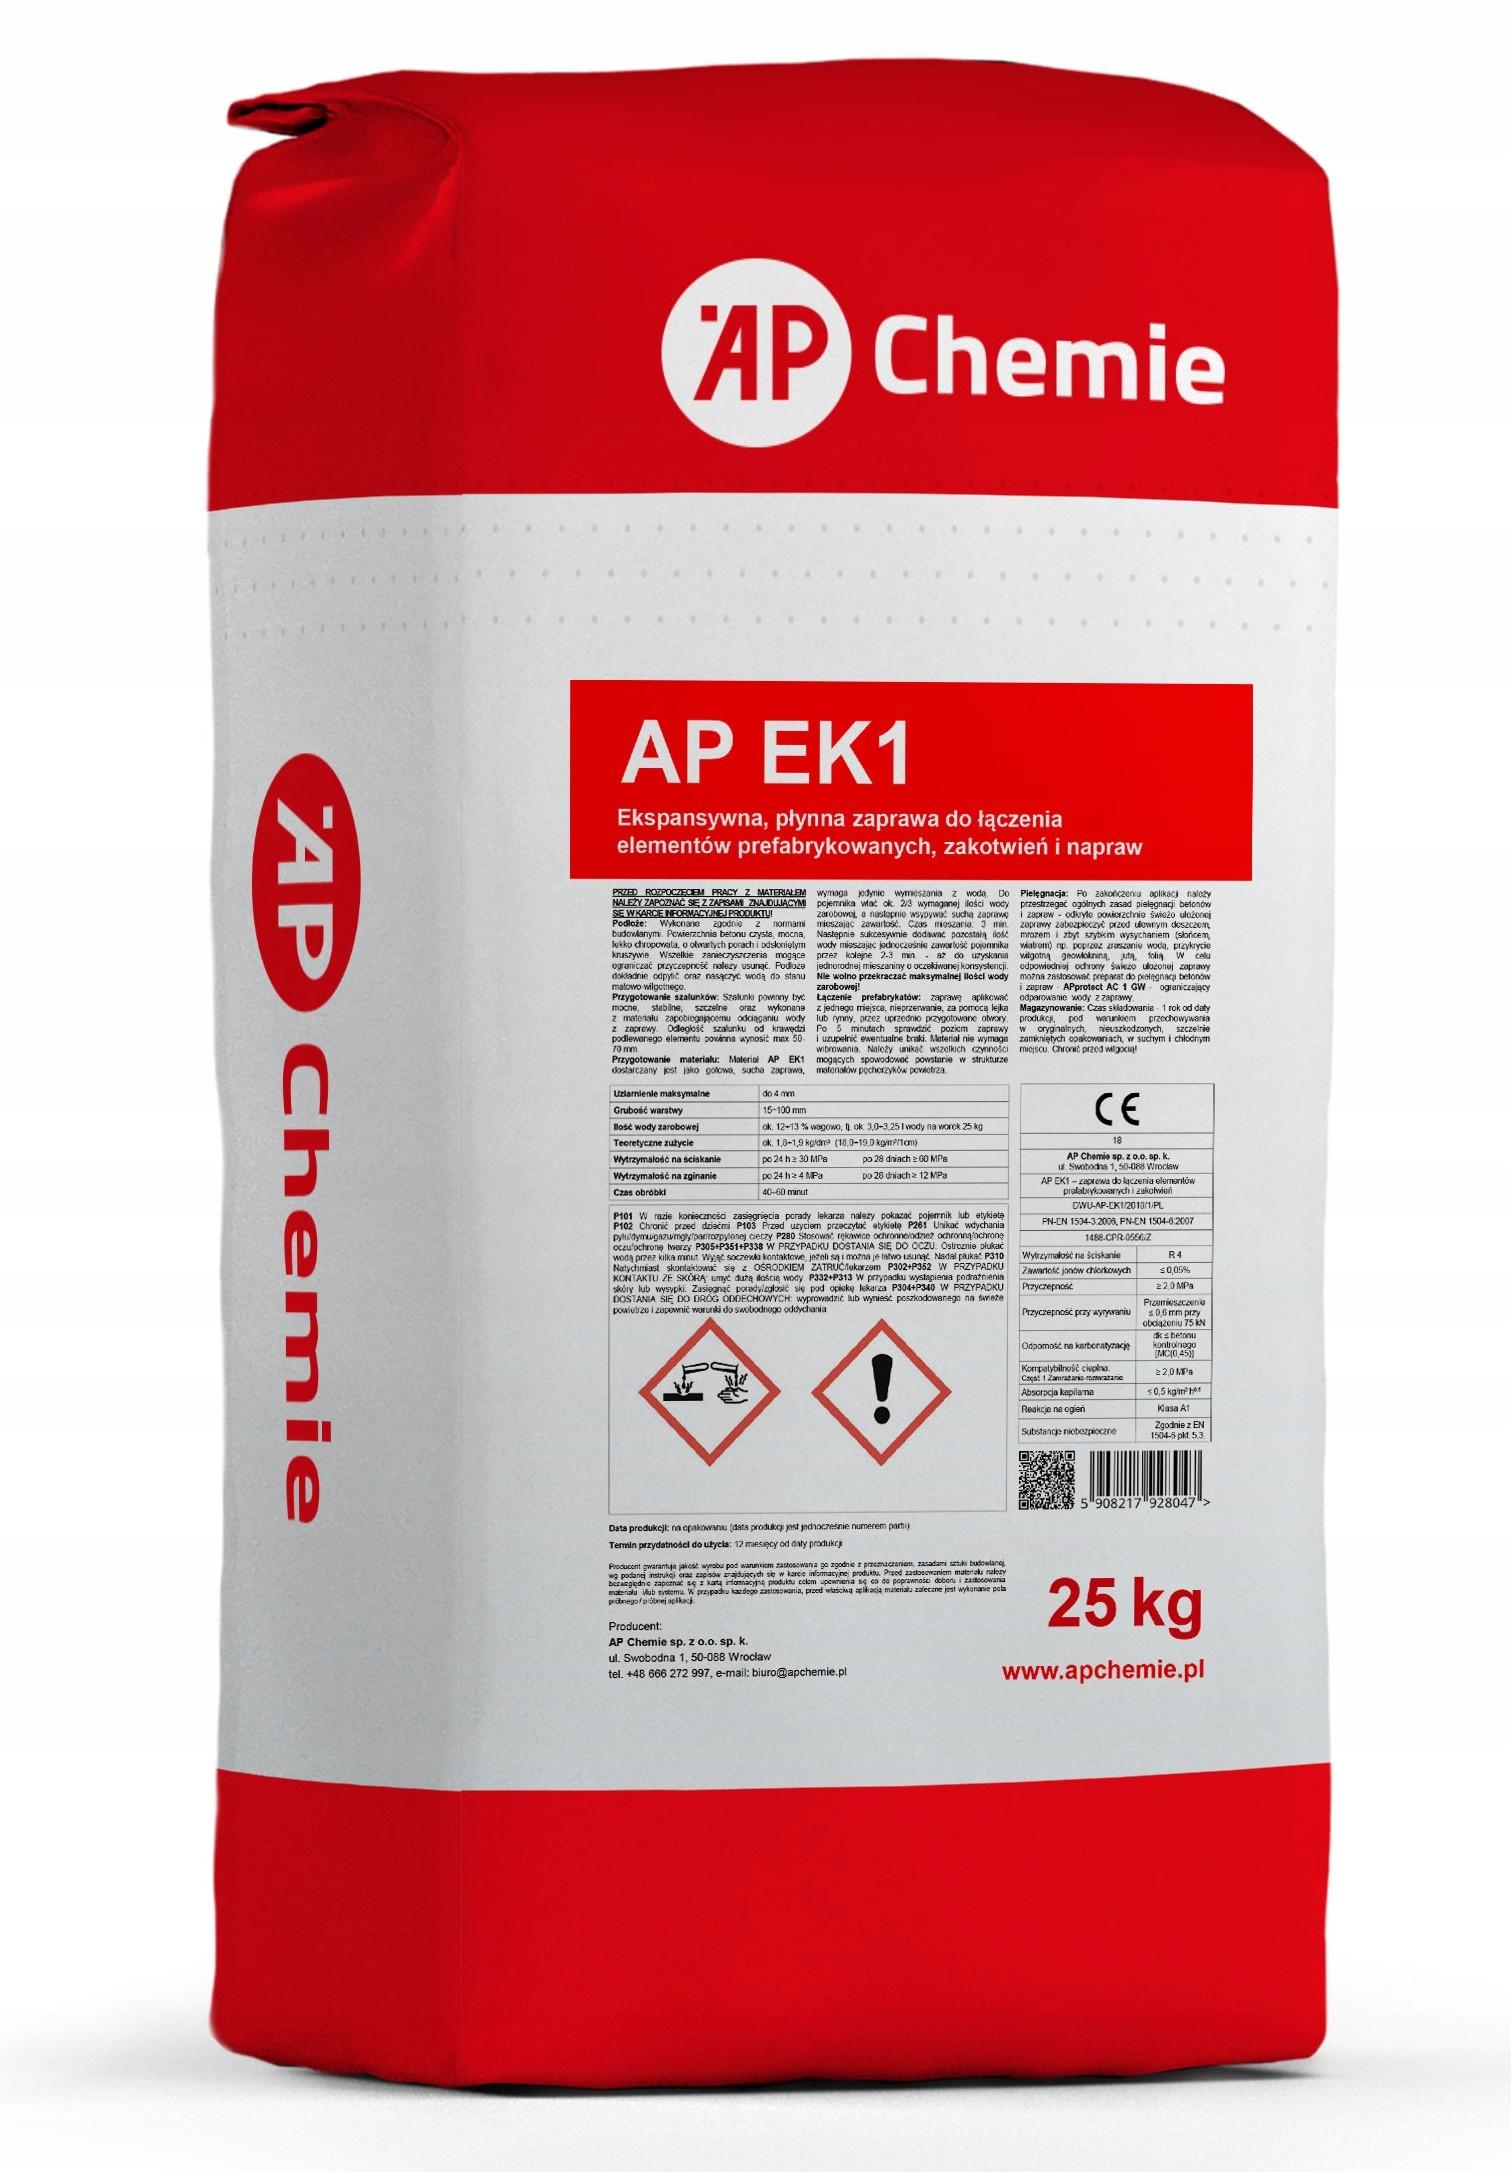 AP EK1 zaprawa do podlewek i zakotwień 25 kg